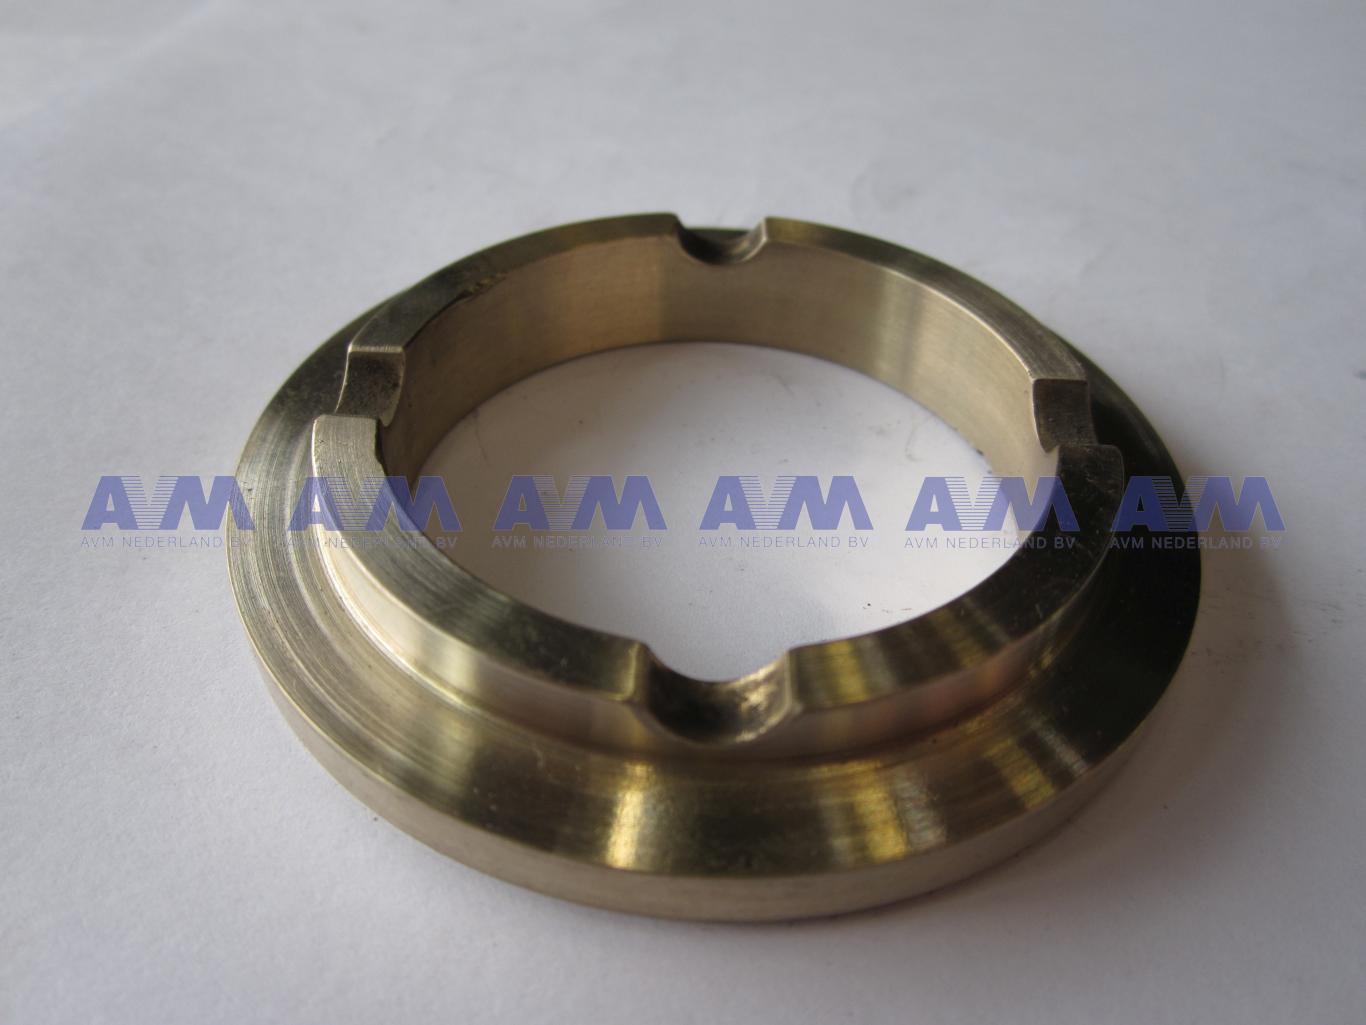 Aanloopring brons astap E30454-57 PPM